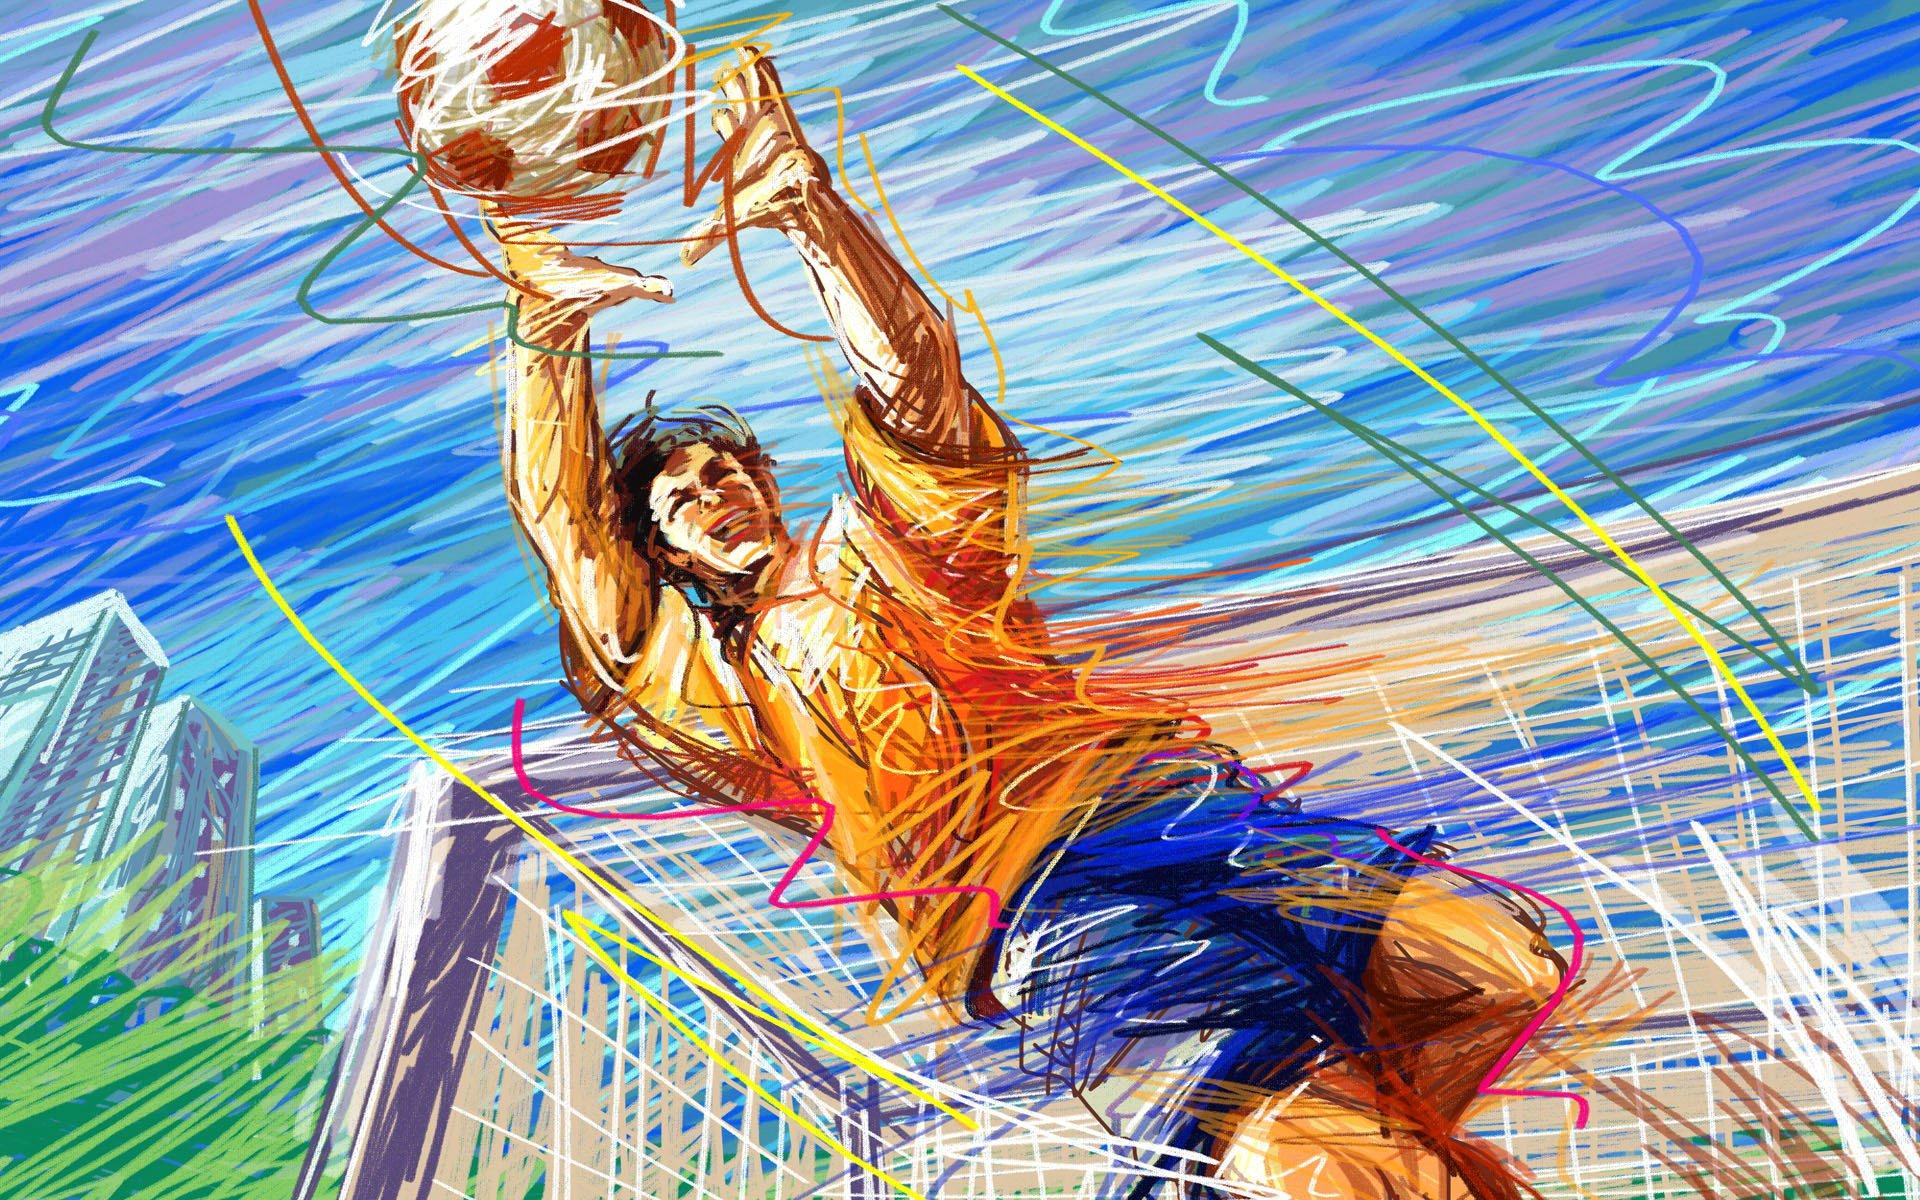 постер на тему спорта завернул спираль